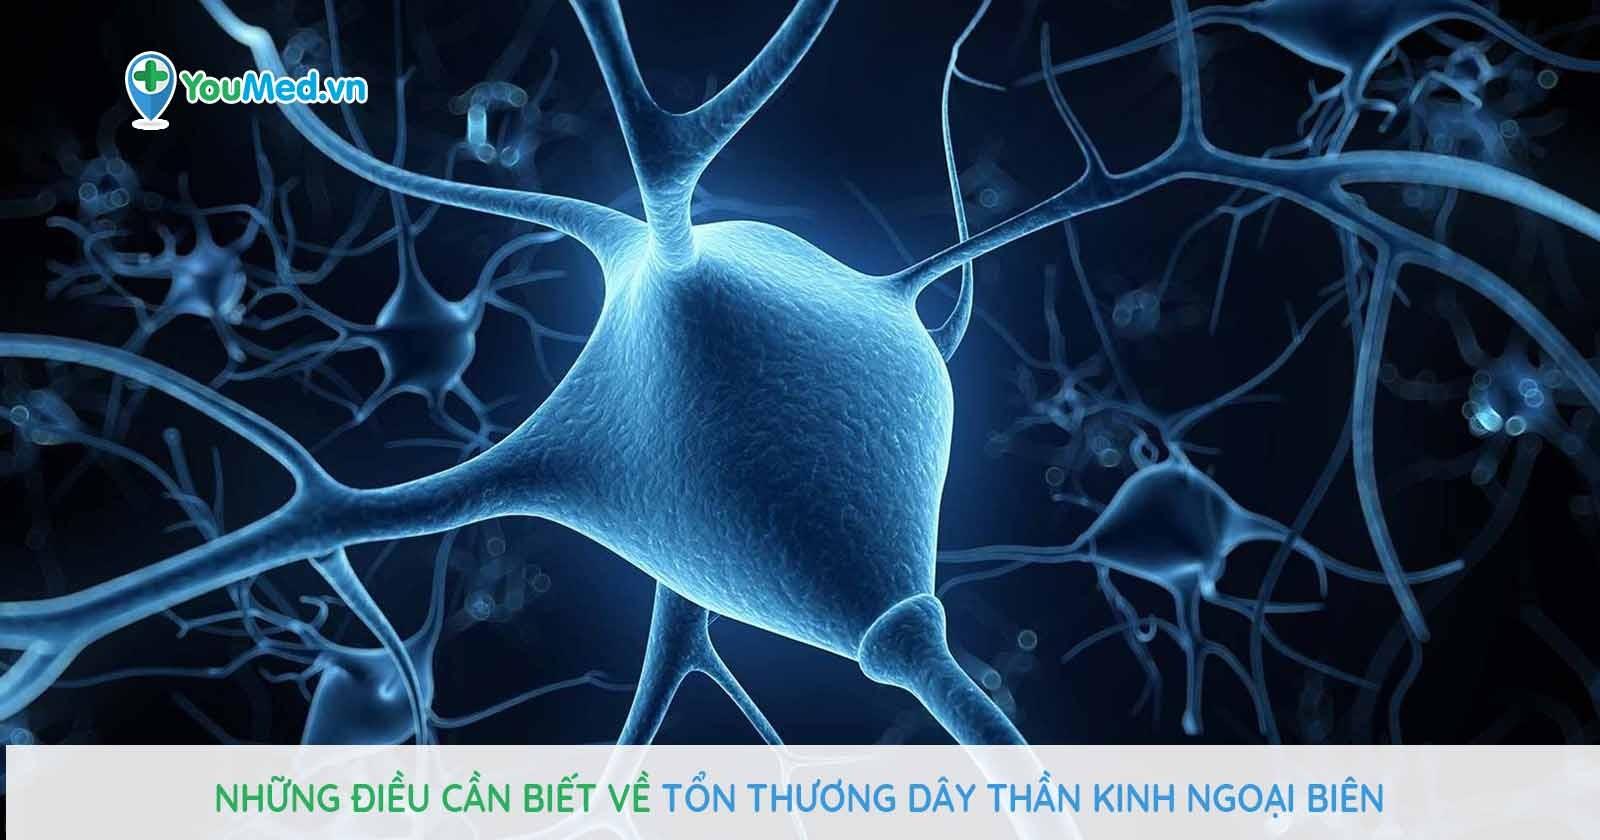 Những điều cần biết về Tổn thương dây thần kinh ngoại biên